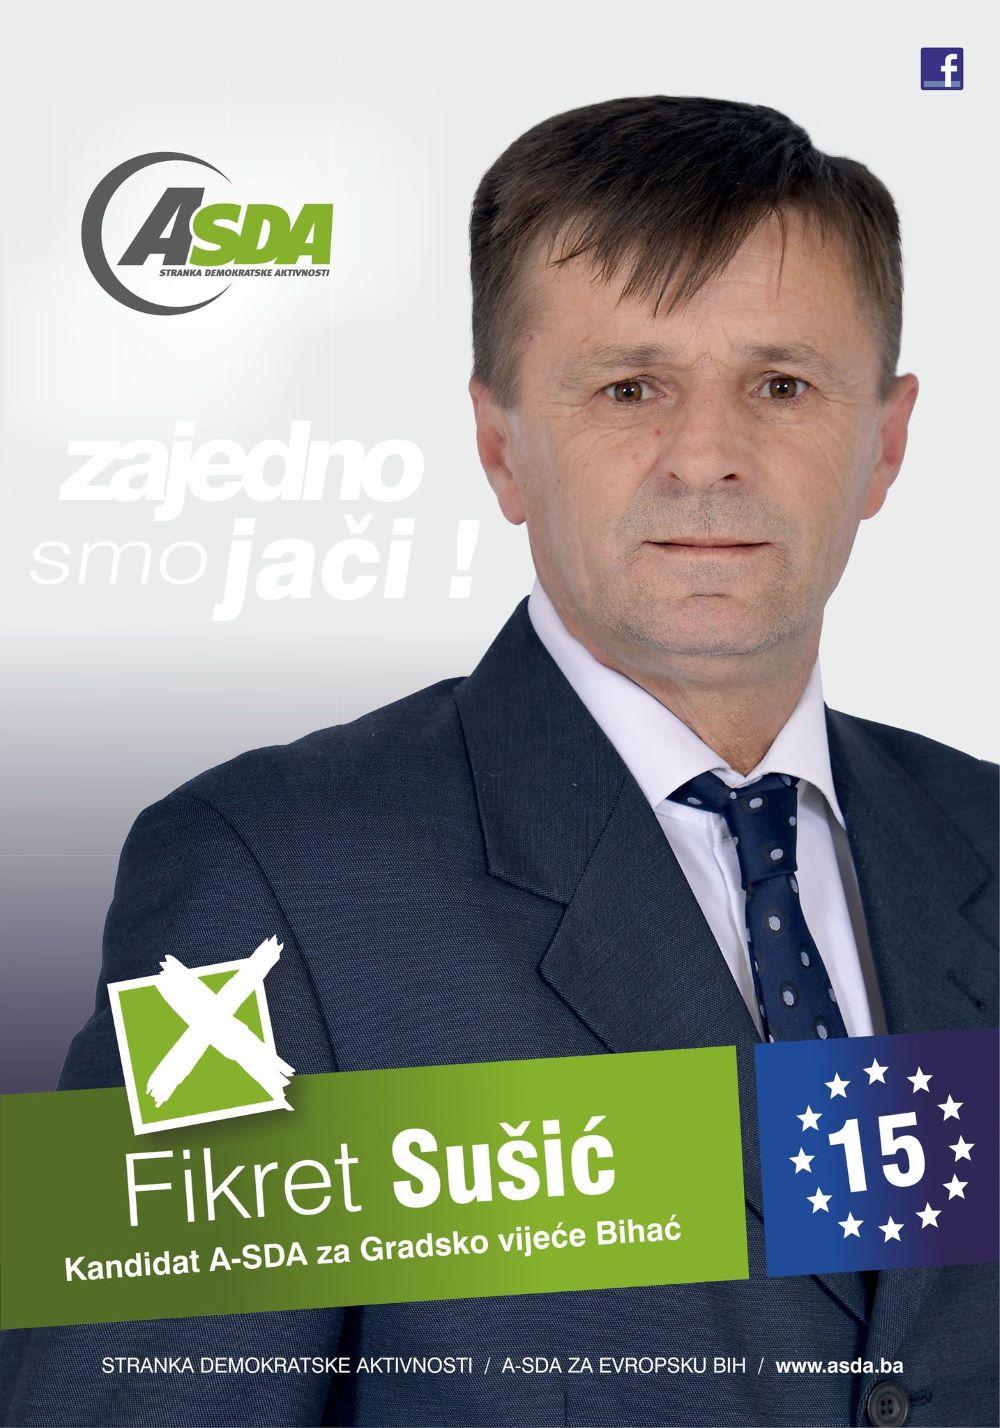 Fikret Sušić